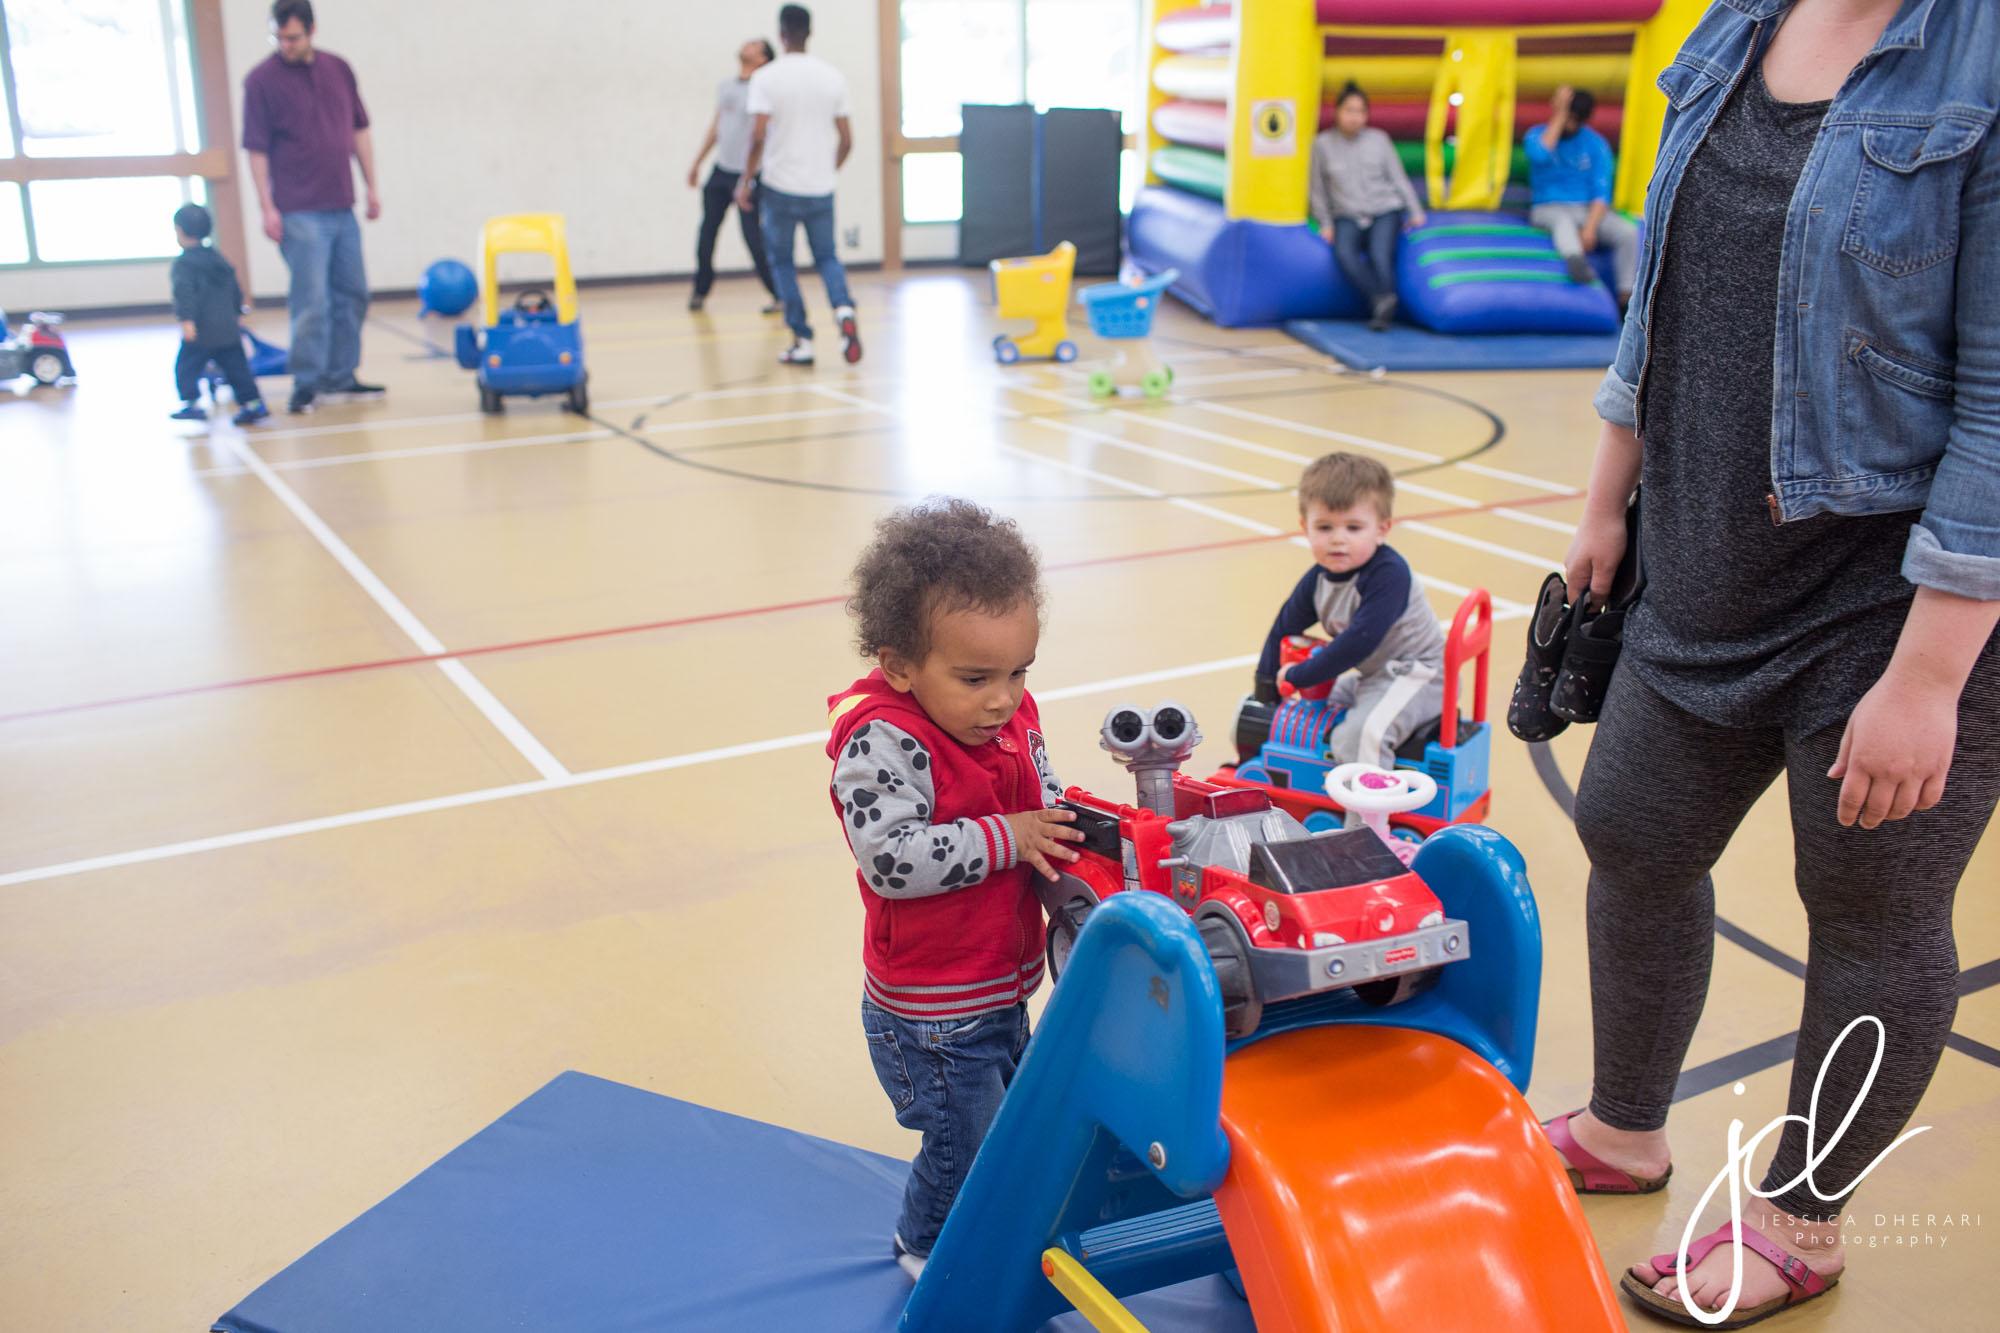 Kids Party Surrey Bc